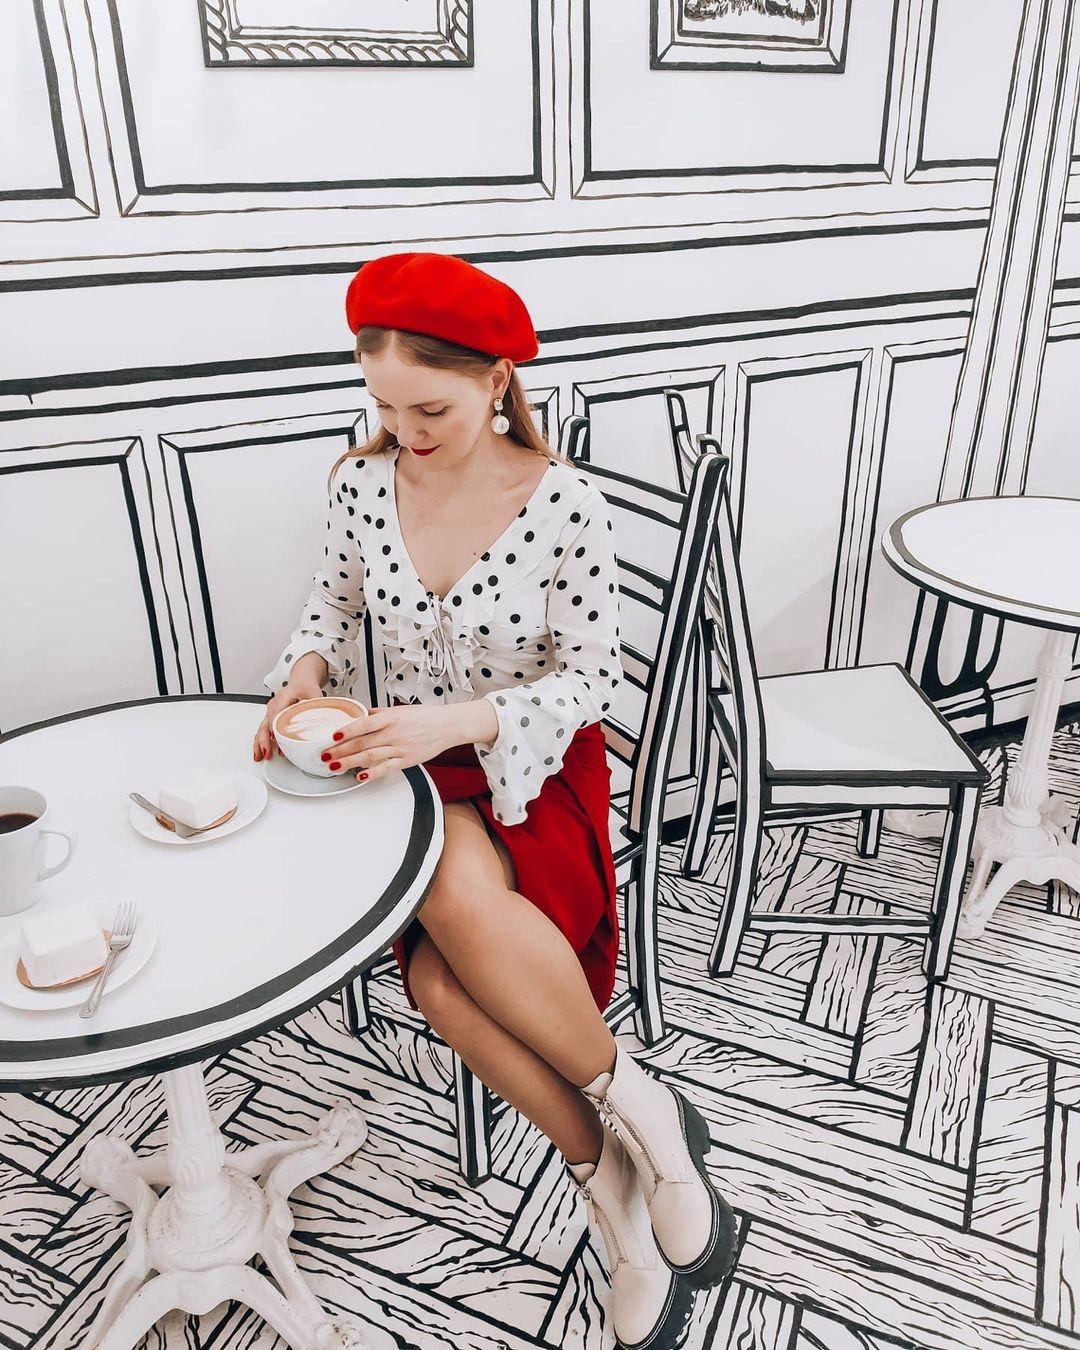 בית קפה במוסקבה מעוצב כמו מתוך דף קומיקס